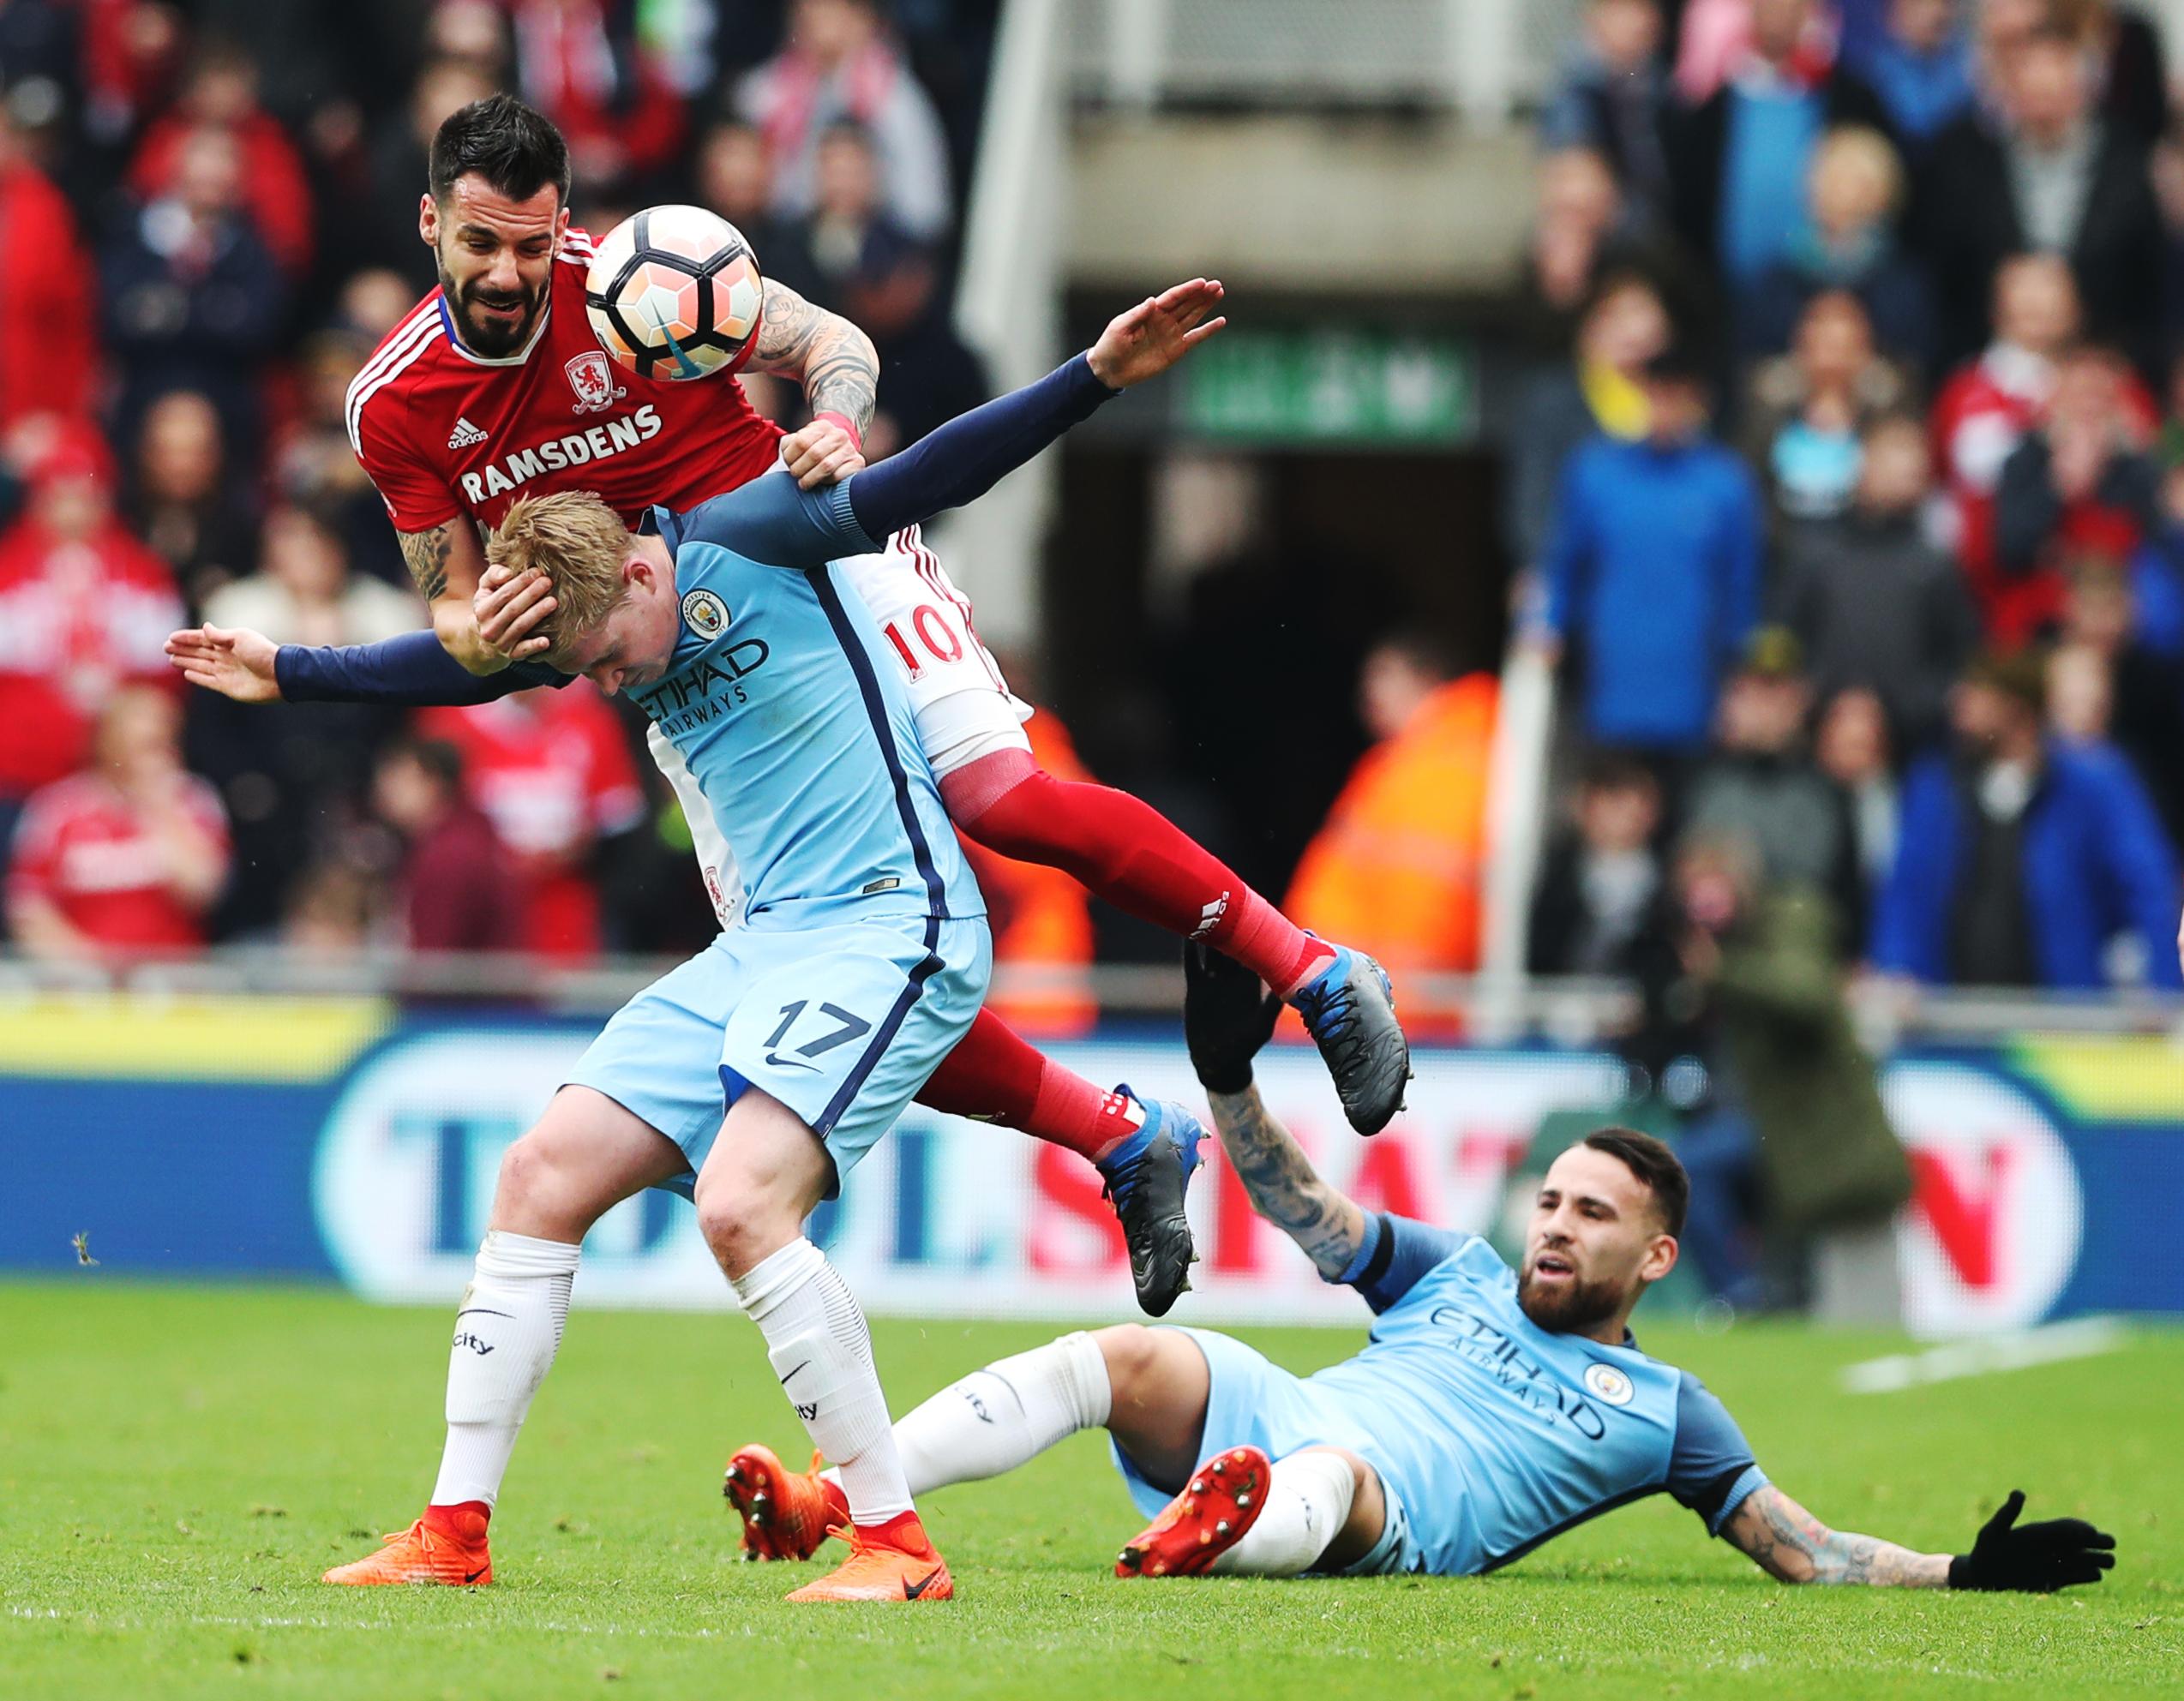 Ставки на футбол на Манчестер Сити — Суонси. Ставки на чемпионат Англии 22 Апреля 2018